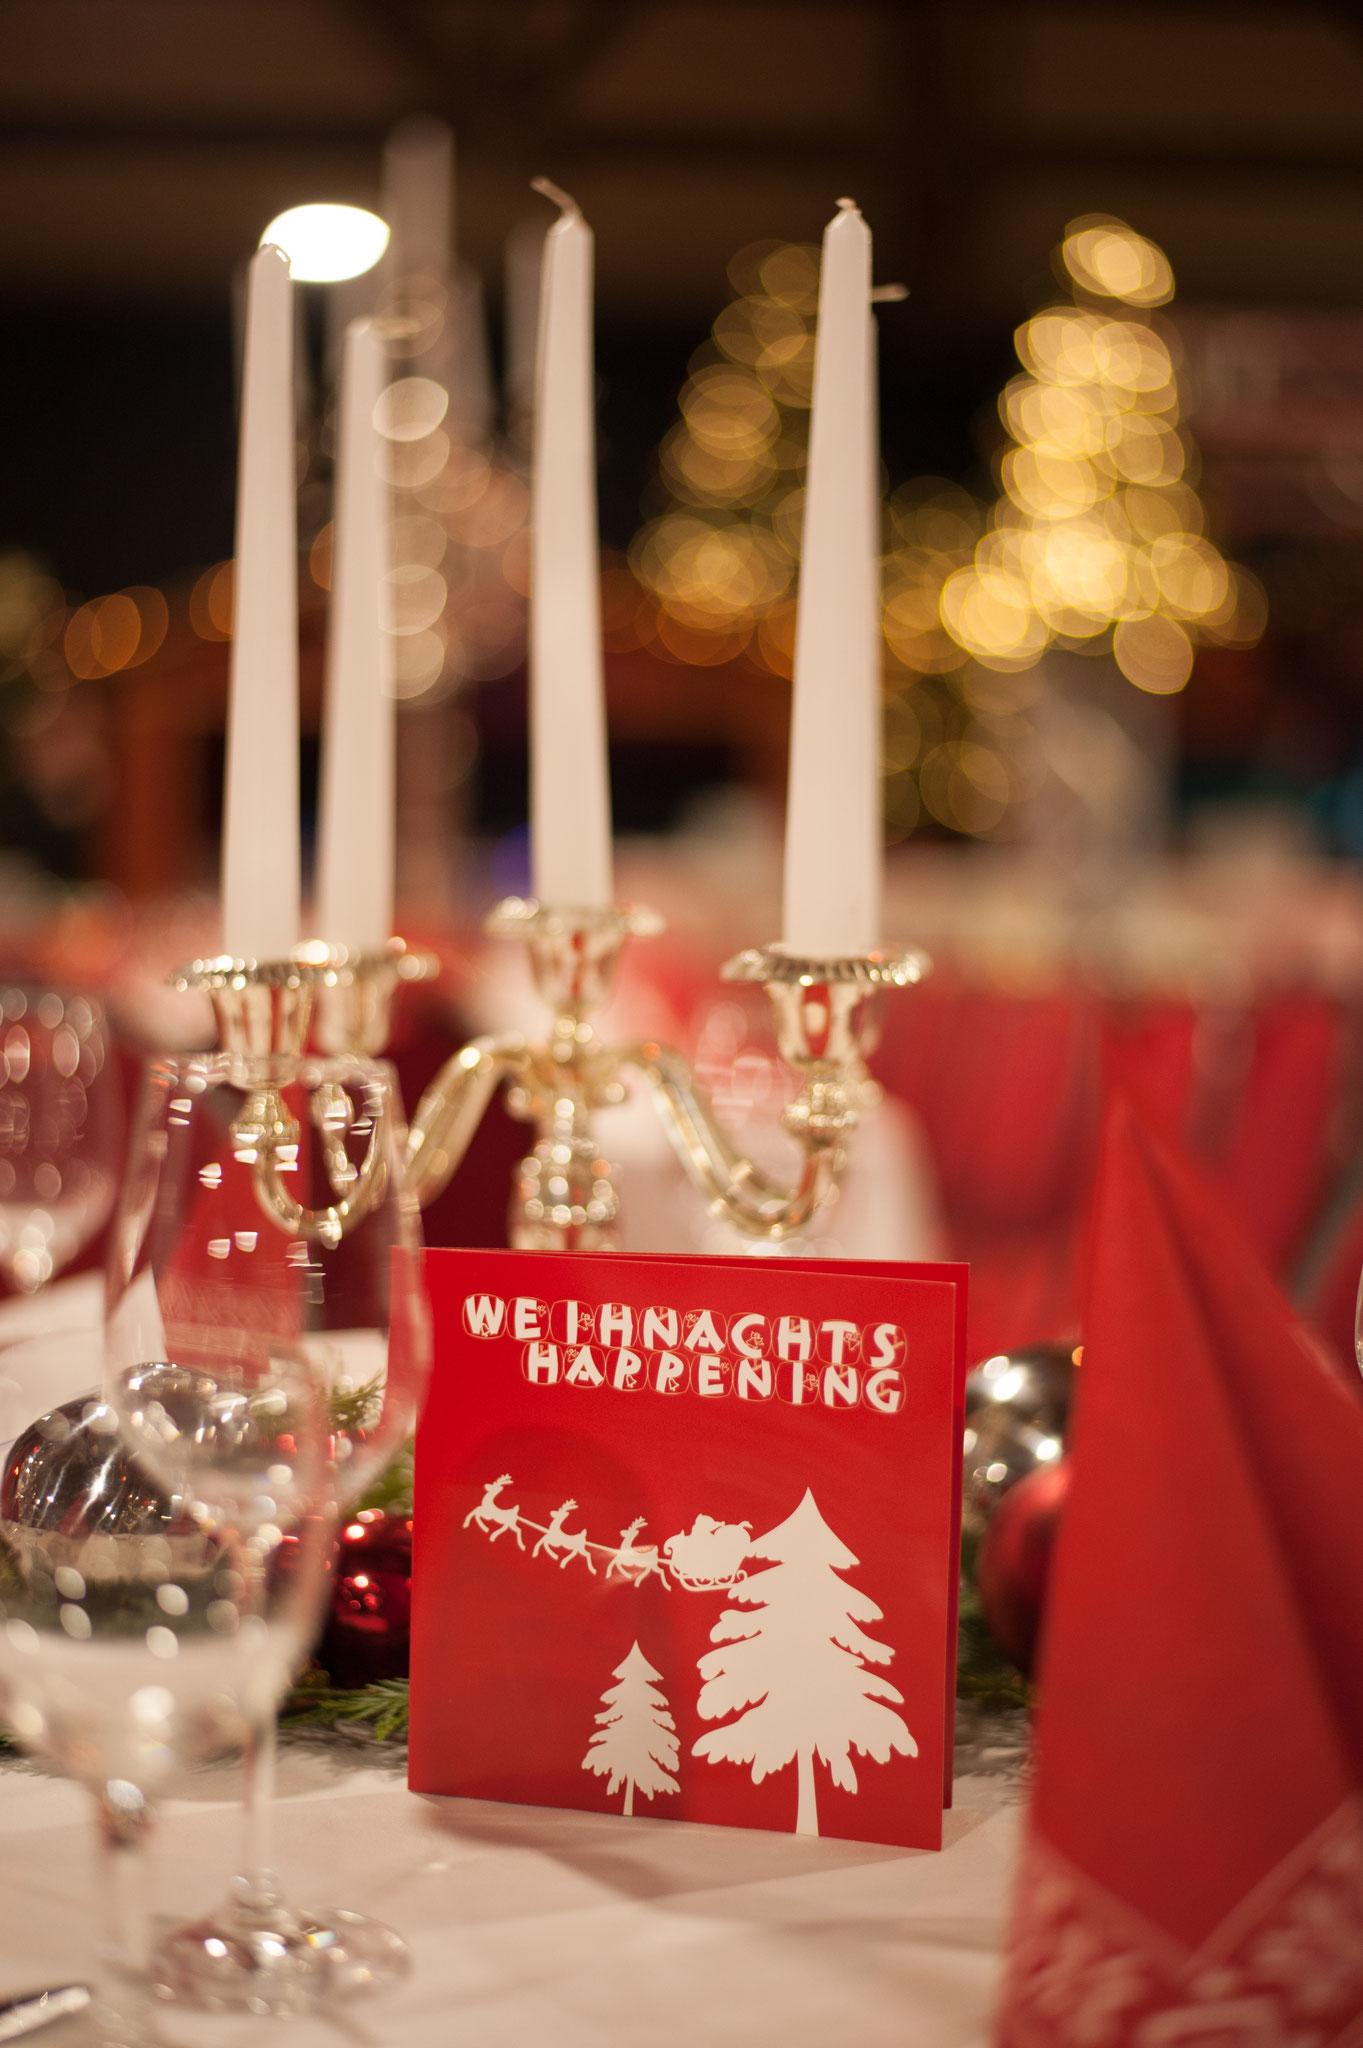 Tischdekoration - Design und Print - Weihnachts-Happening